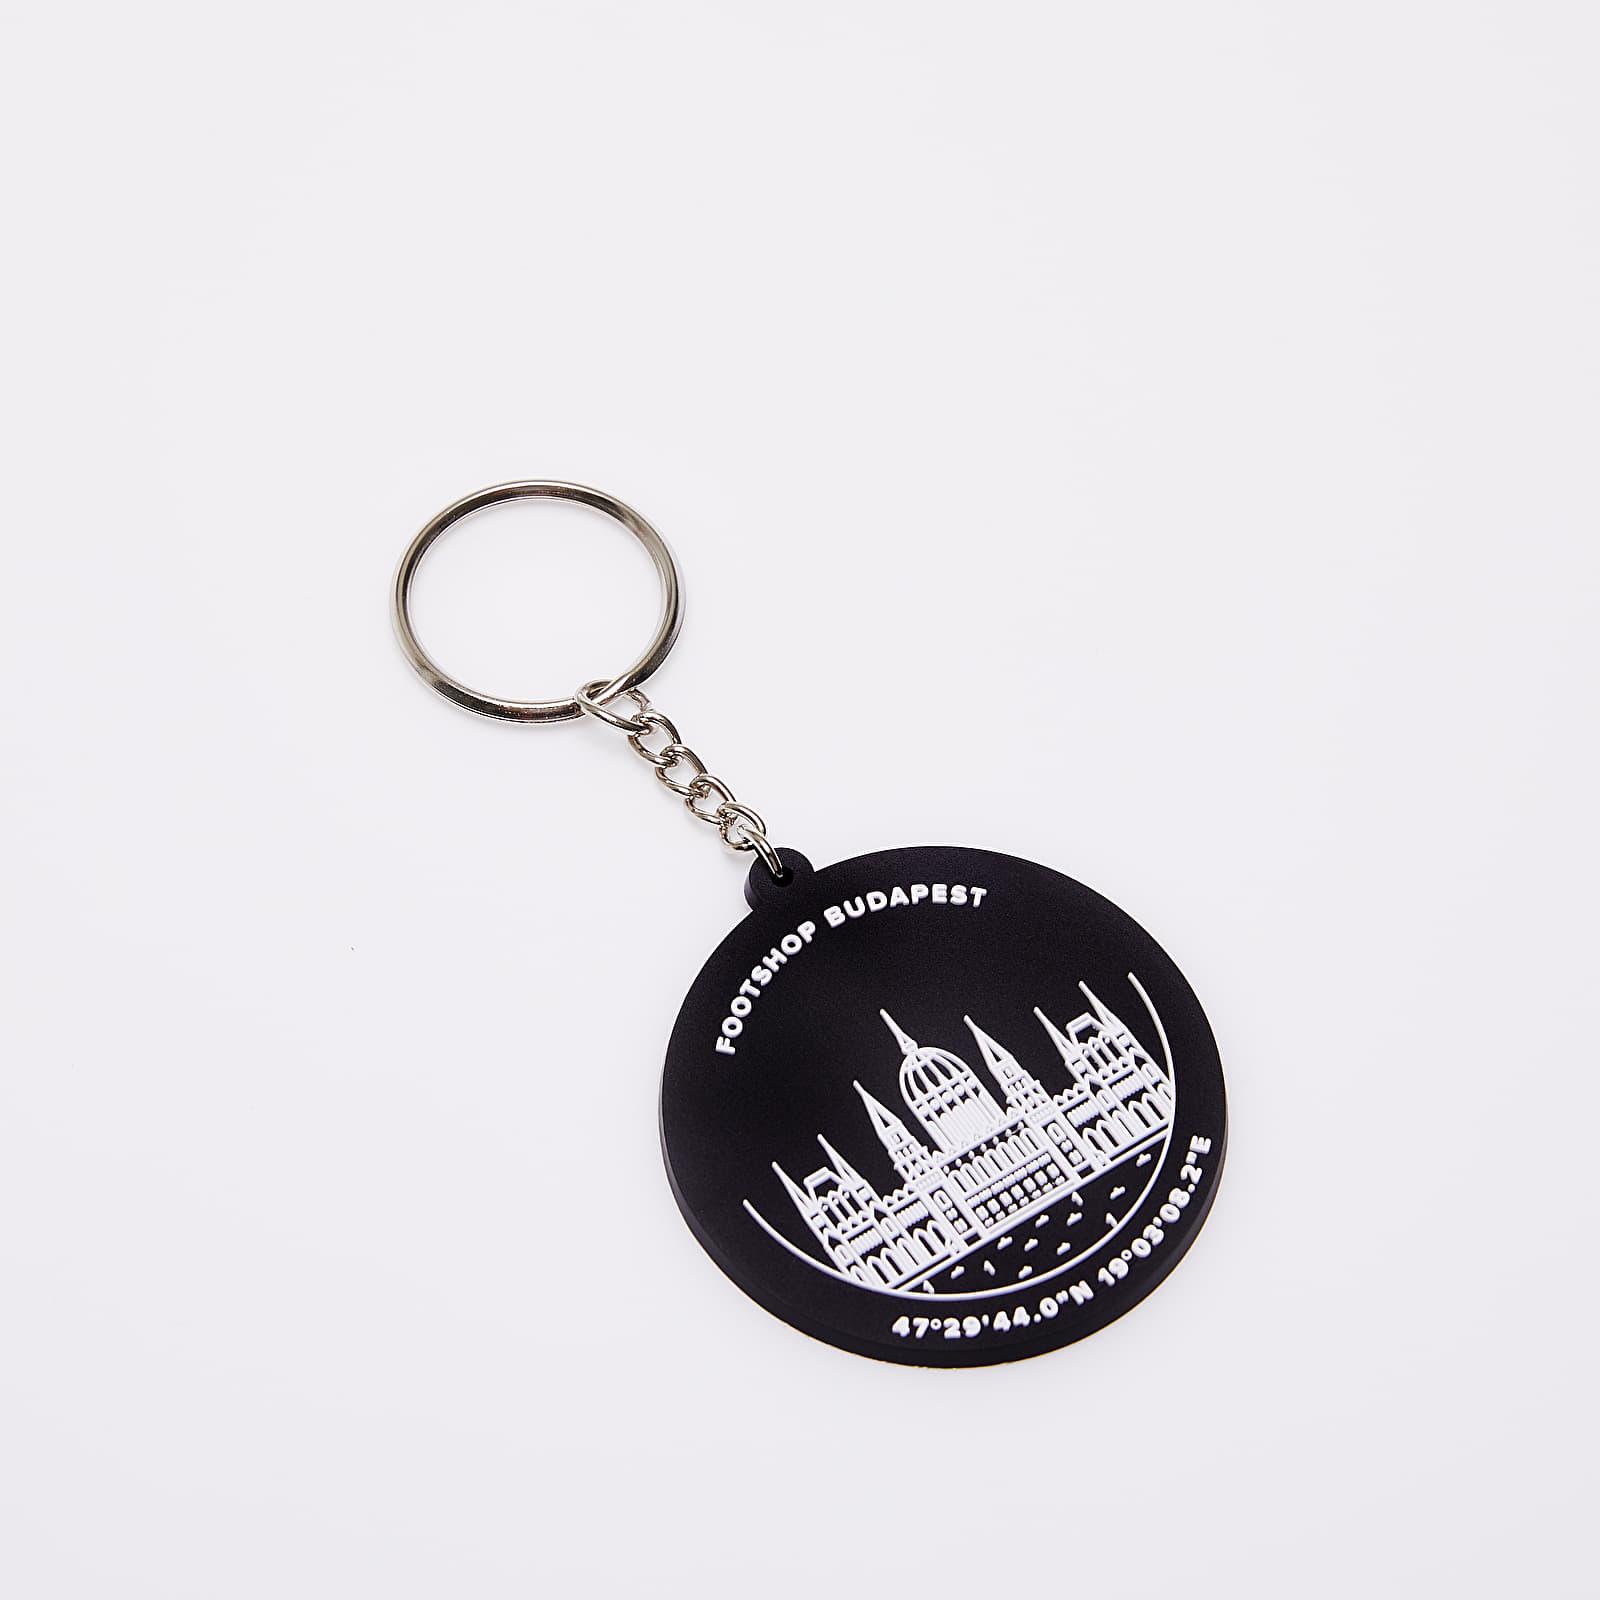 Other Footshop Budapest Keychain Black